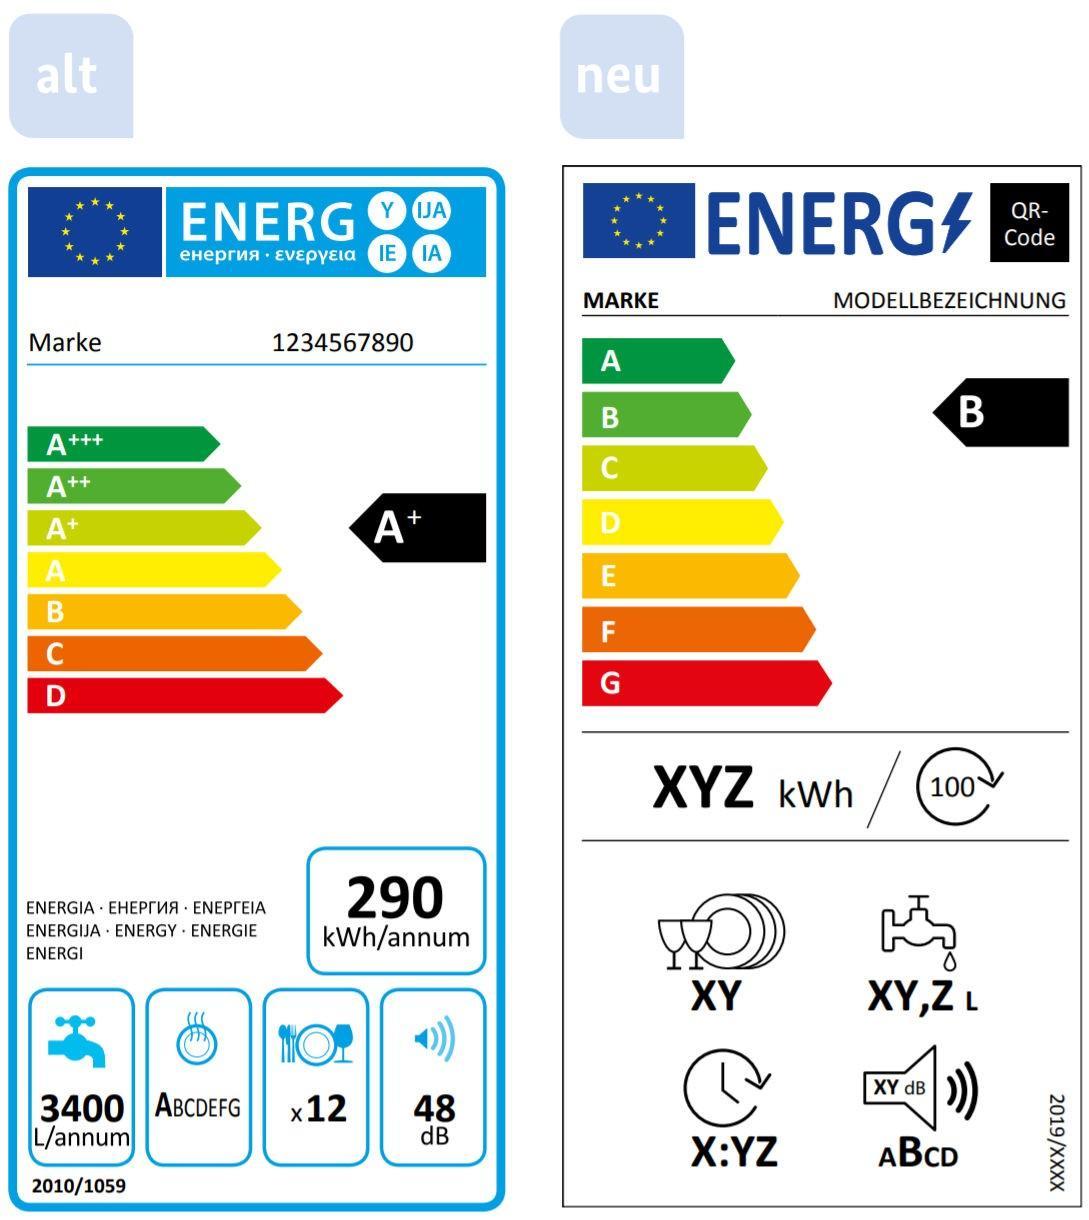 neues und altes Energielabel im Vergleich